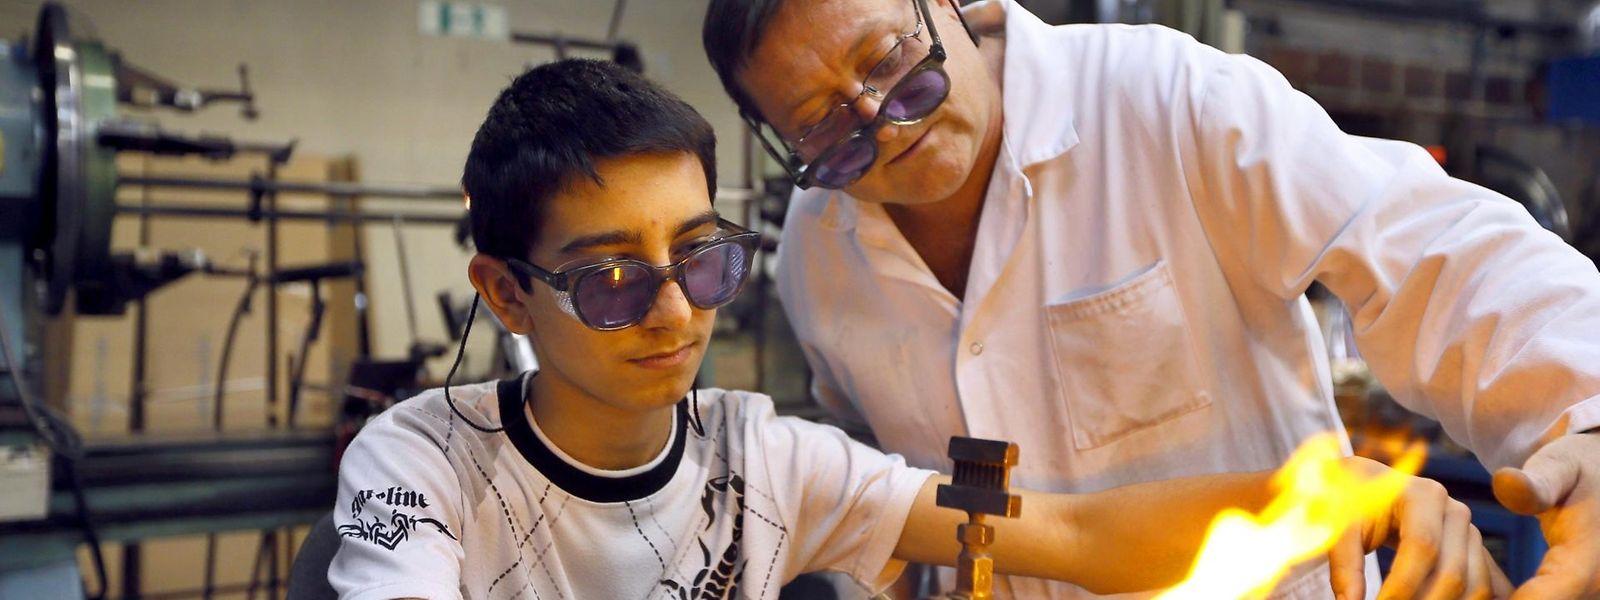 Jeunes diplômés, étudiants ou apprentis, les moins de 30 ans bénéficient d'aides et de formations pour s'insérer sur le marché de l'emploi.